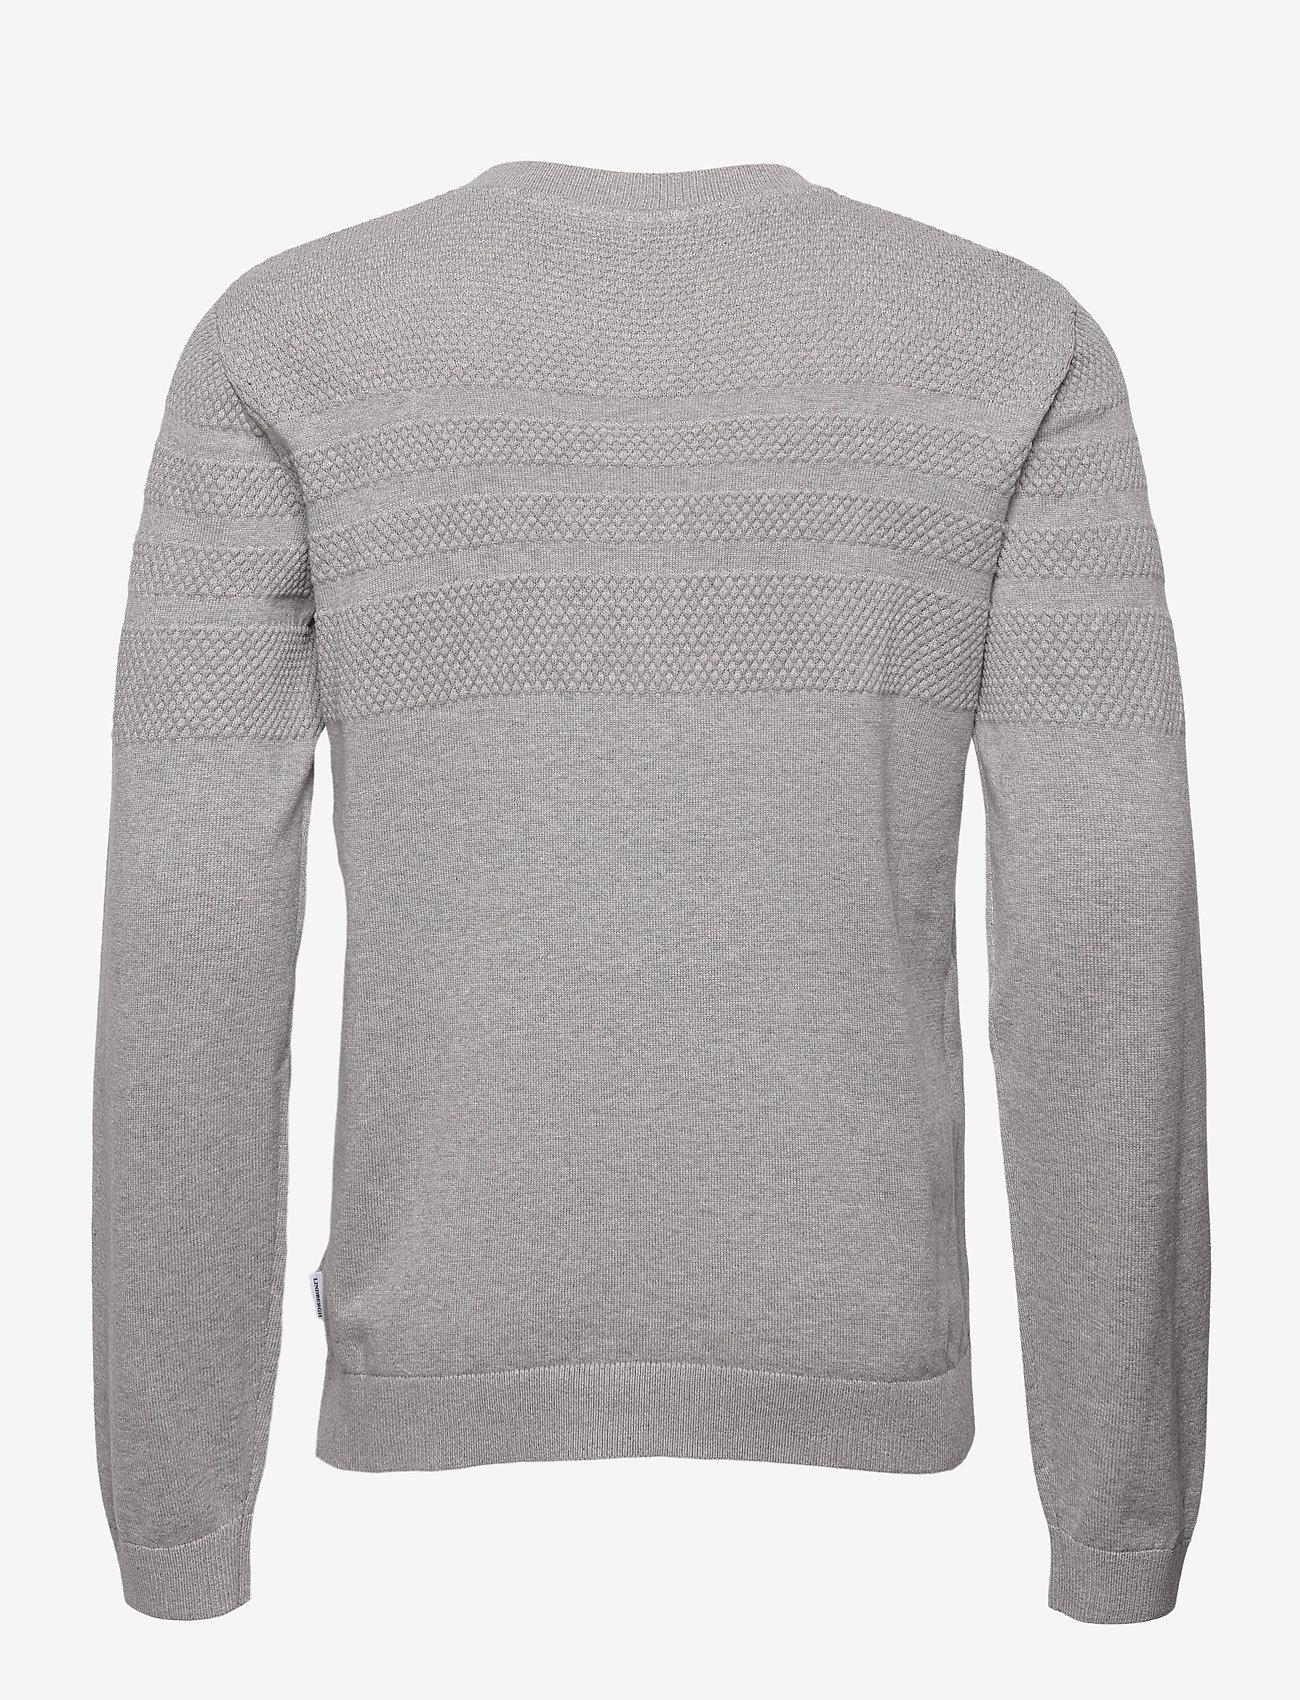 Lindbergh - Pearl knit cardigan - podstawowa odzież z dzianiny - grey mel - 2